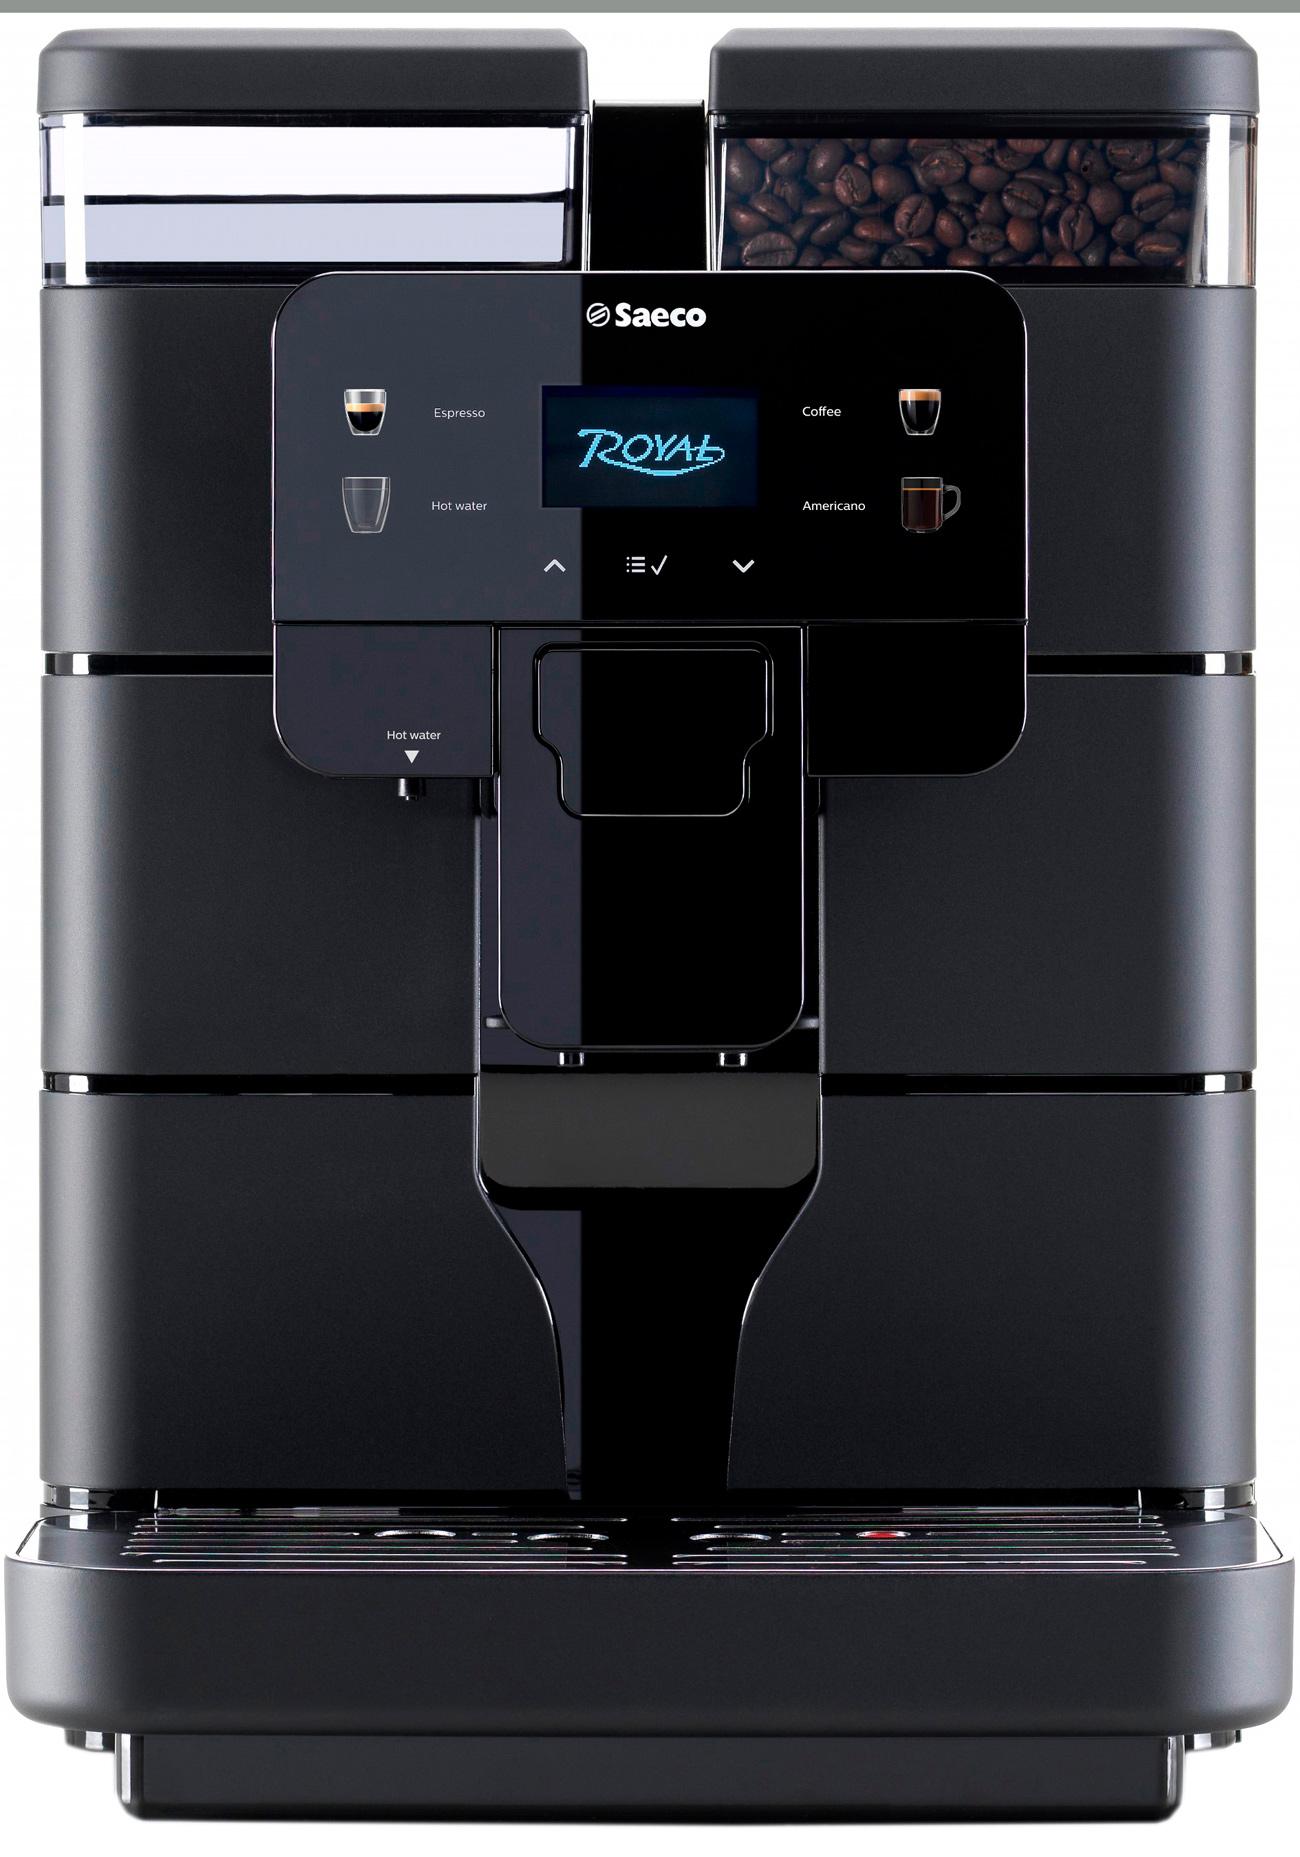 Кофемашина Saeco Royal Black, черн. SAECO - фото 1